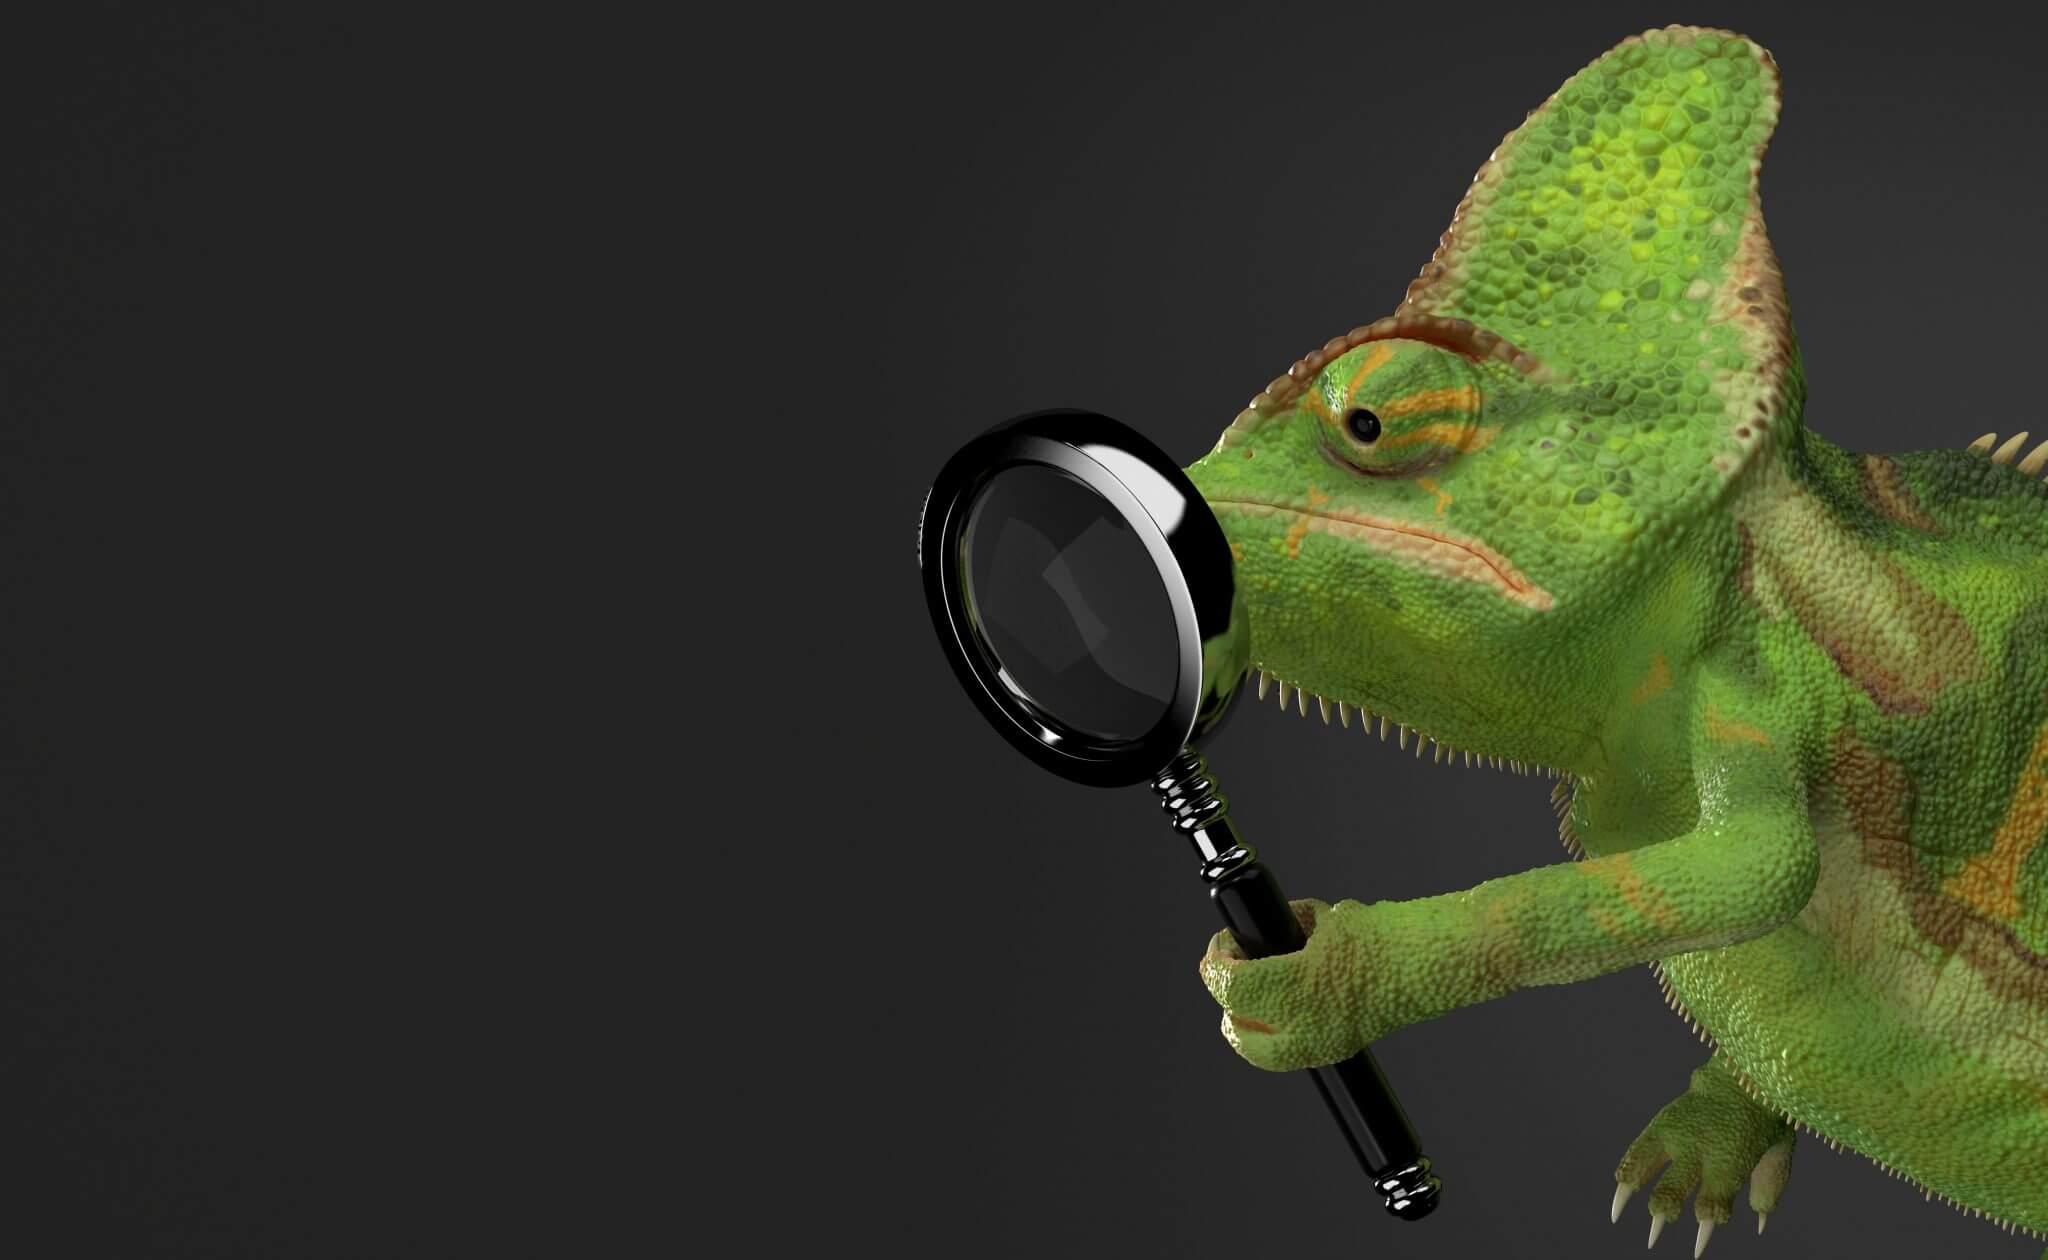 Tierheilpraktiker mit Fachrichtung Reptilien